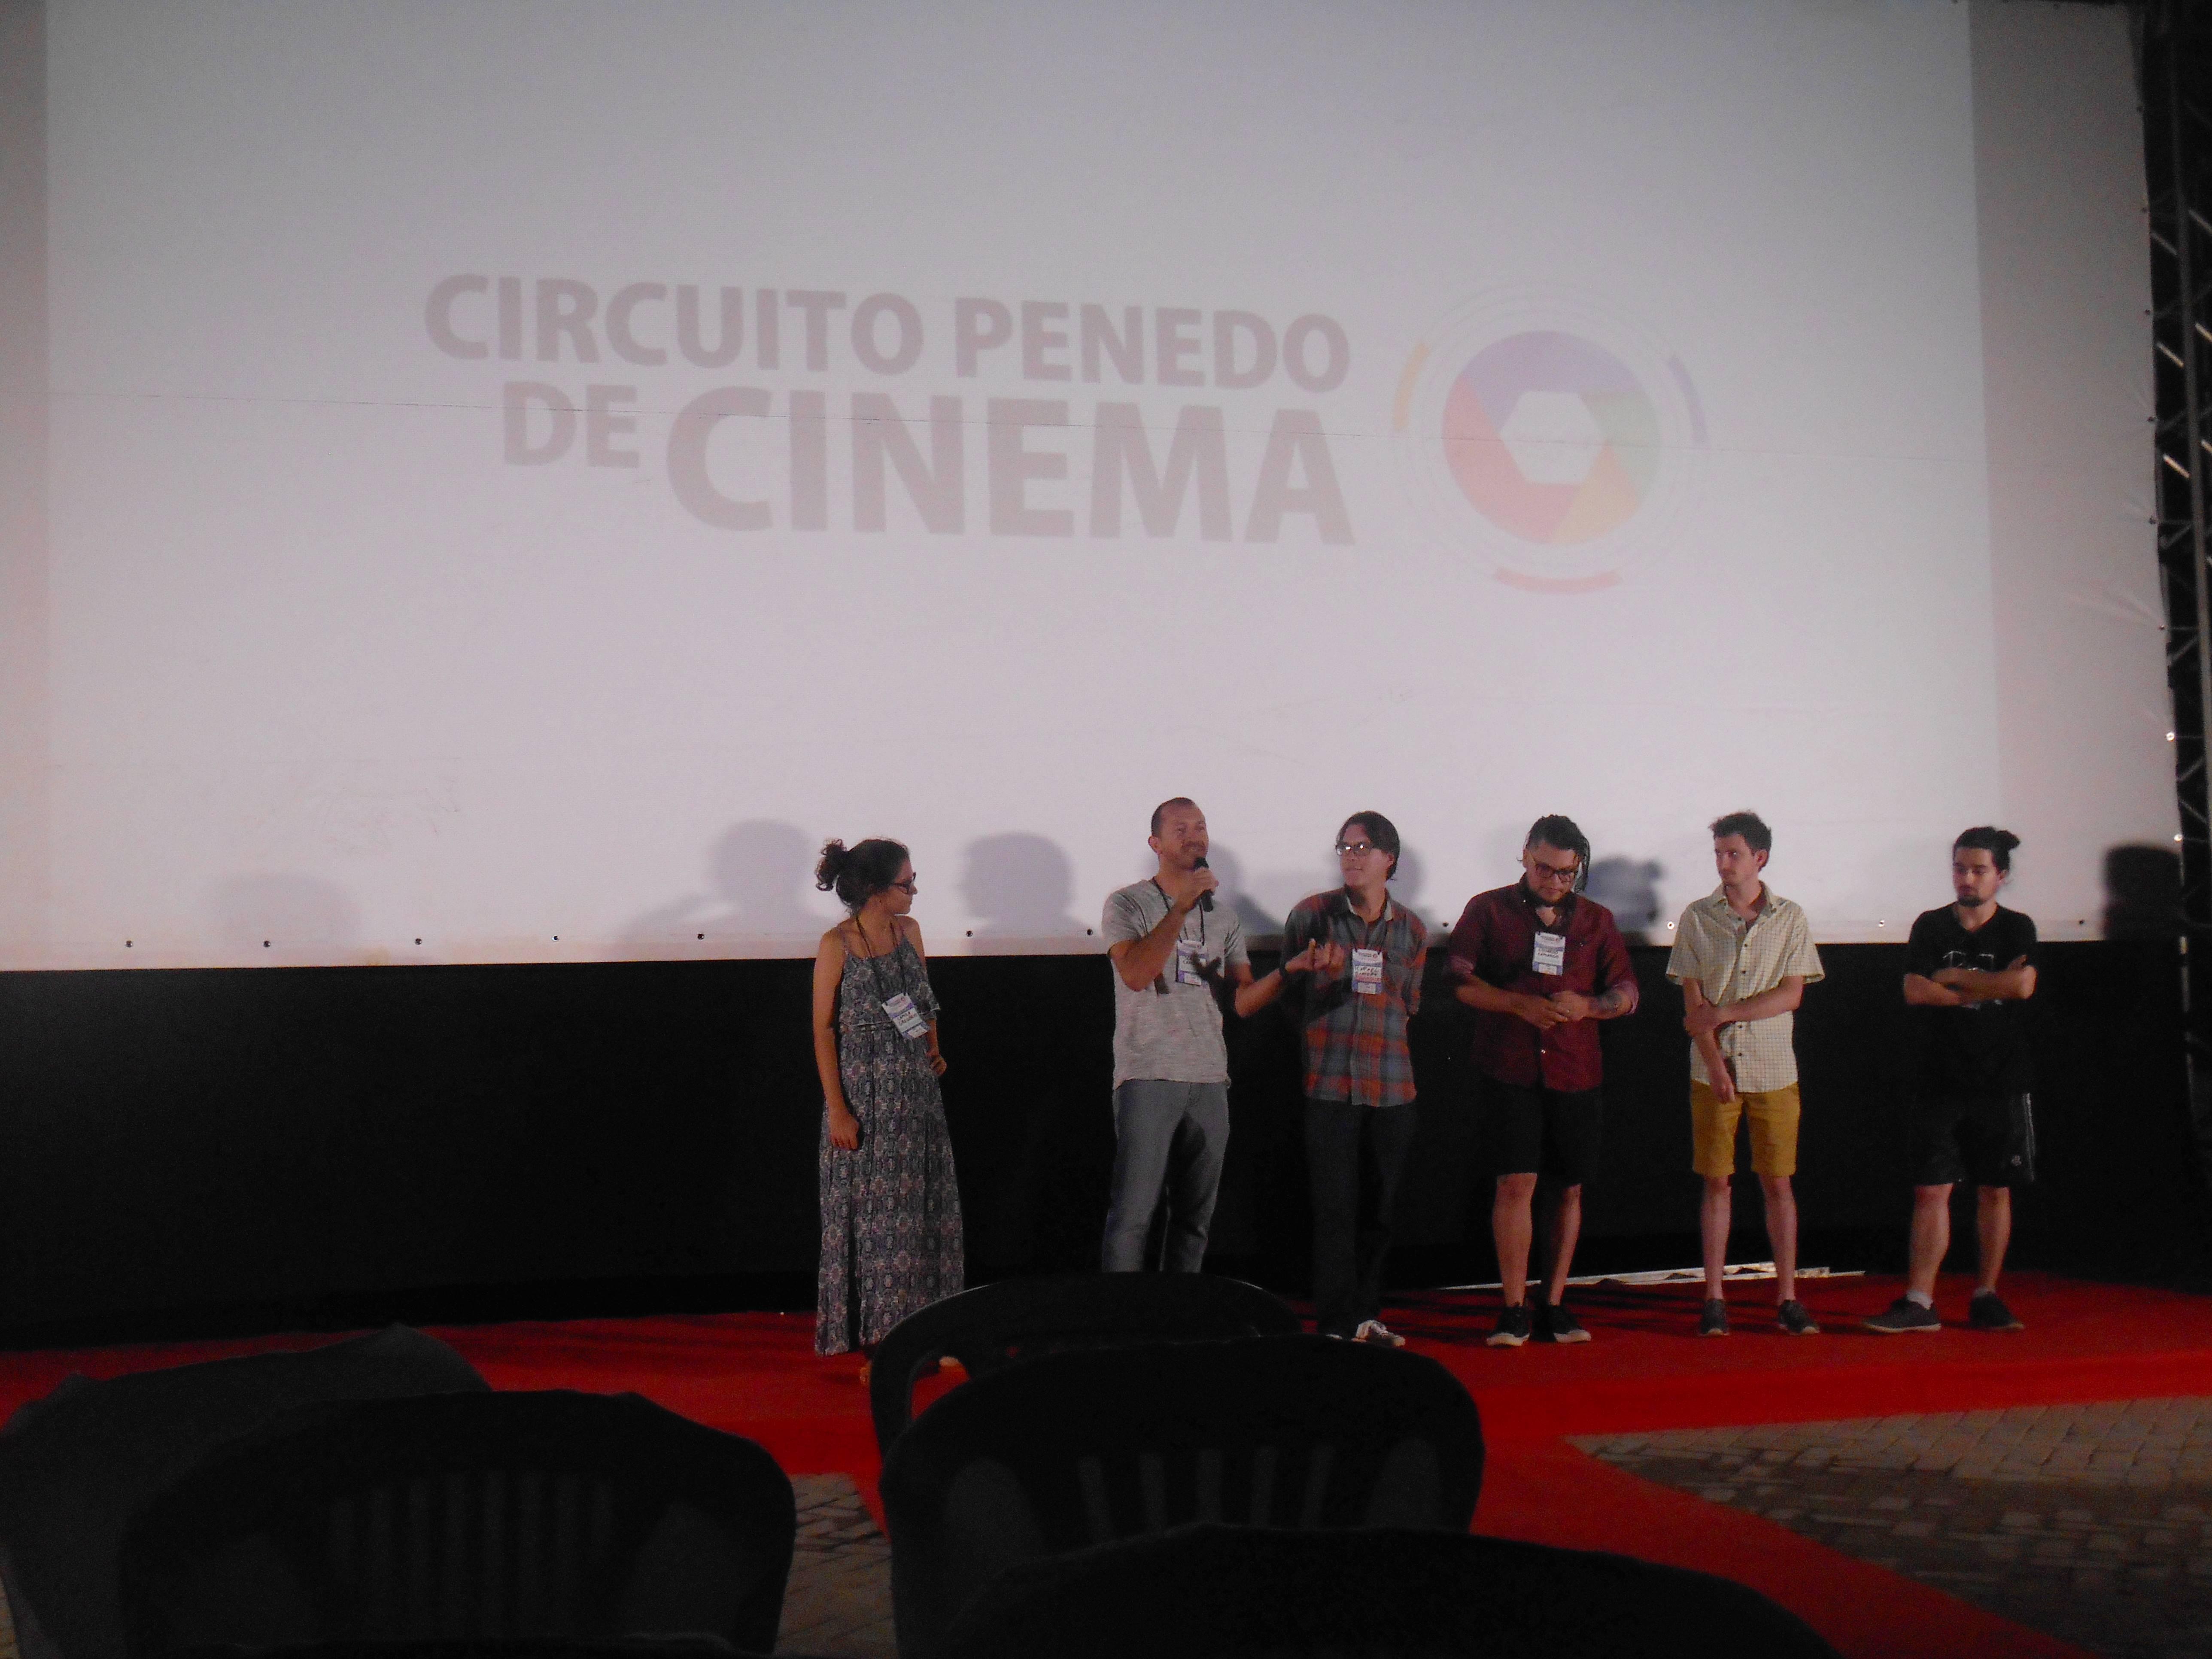 Circuito Cinemas Guarulhos : Cobertura circuito penedo de cinema terceiro dia alagoar